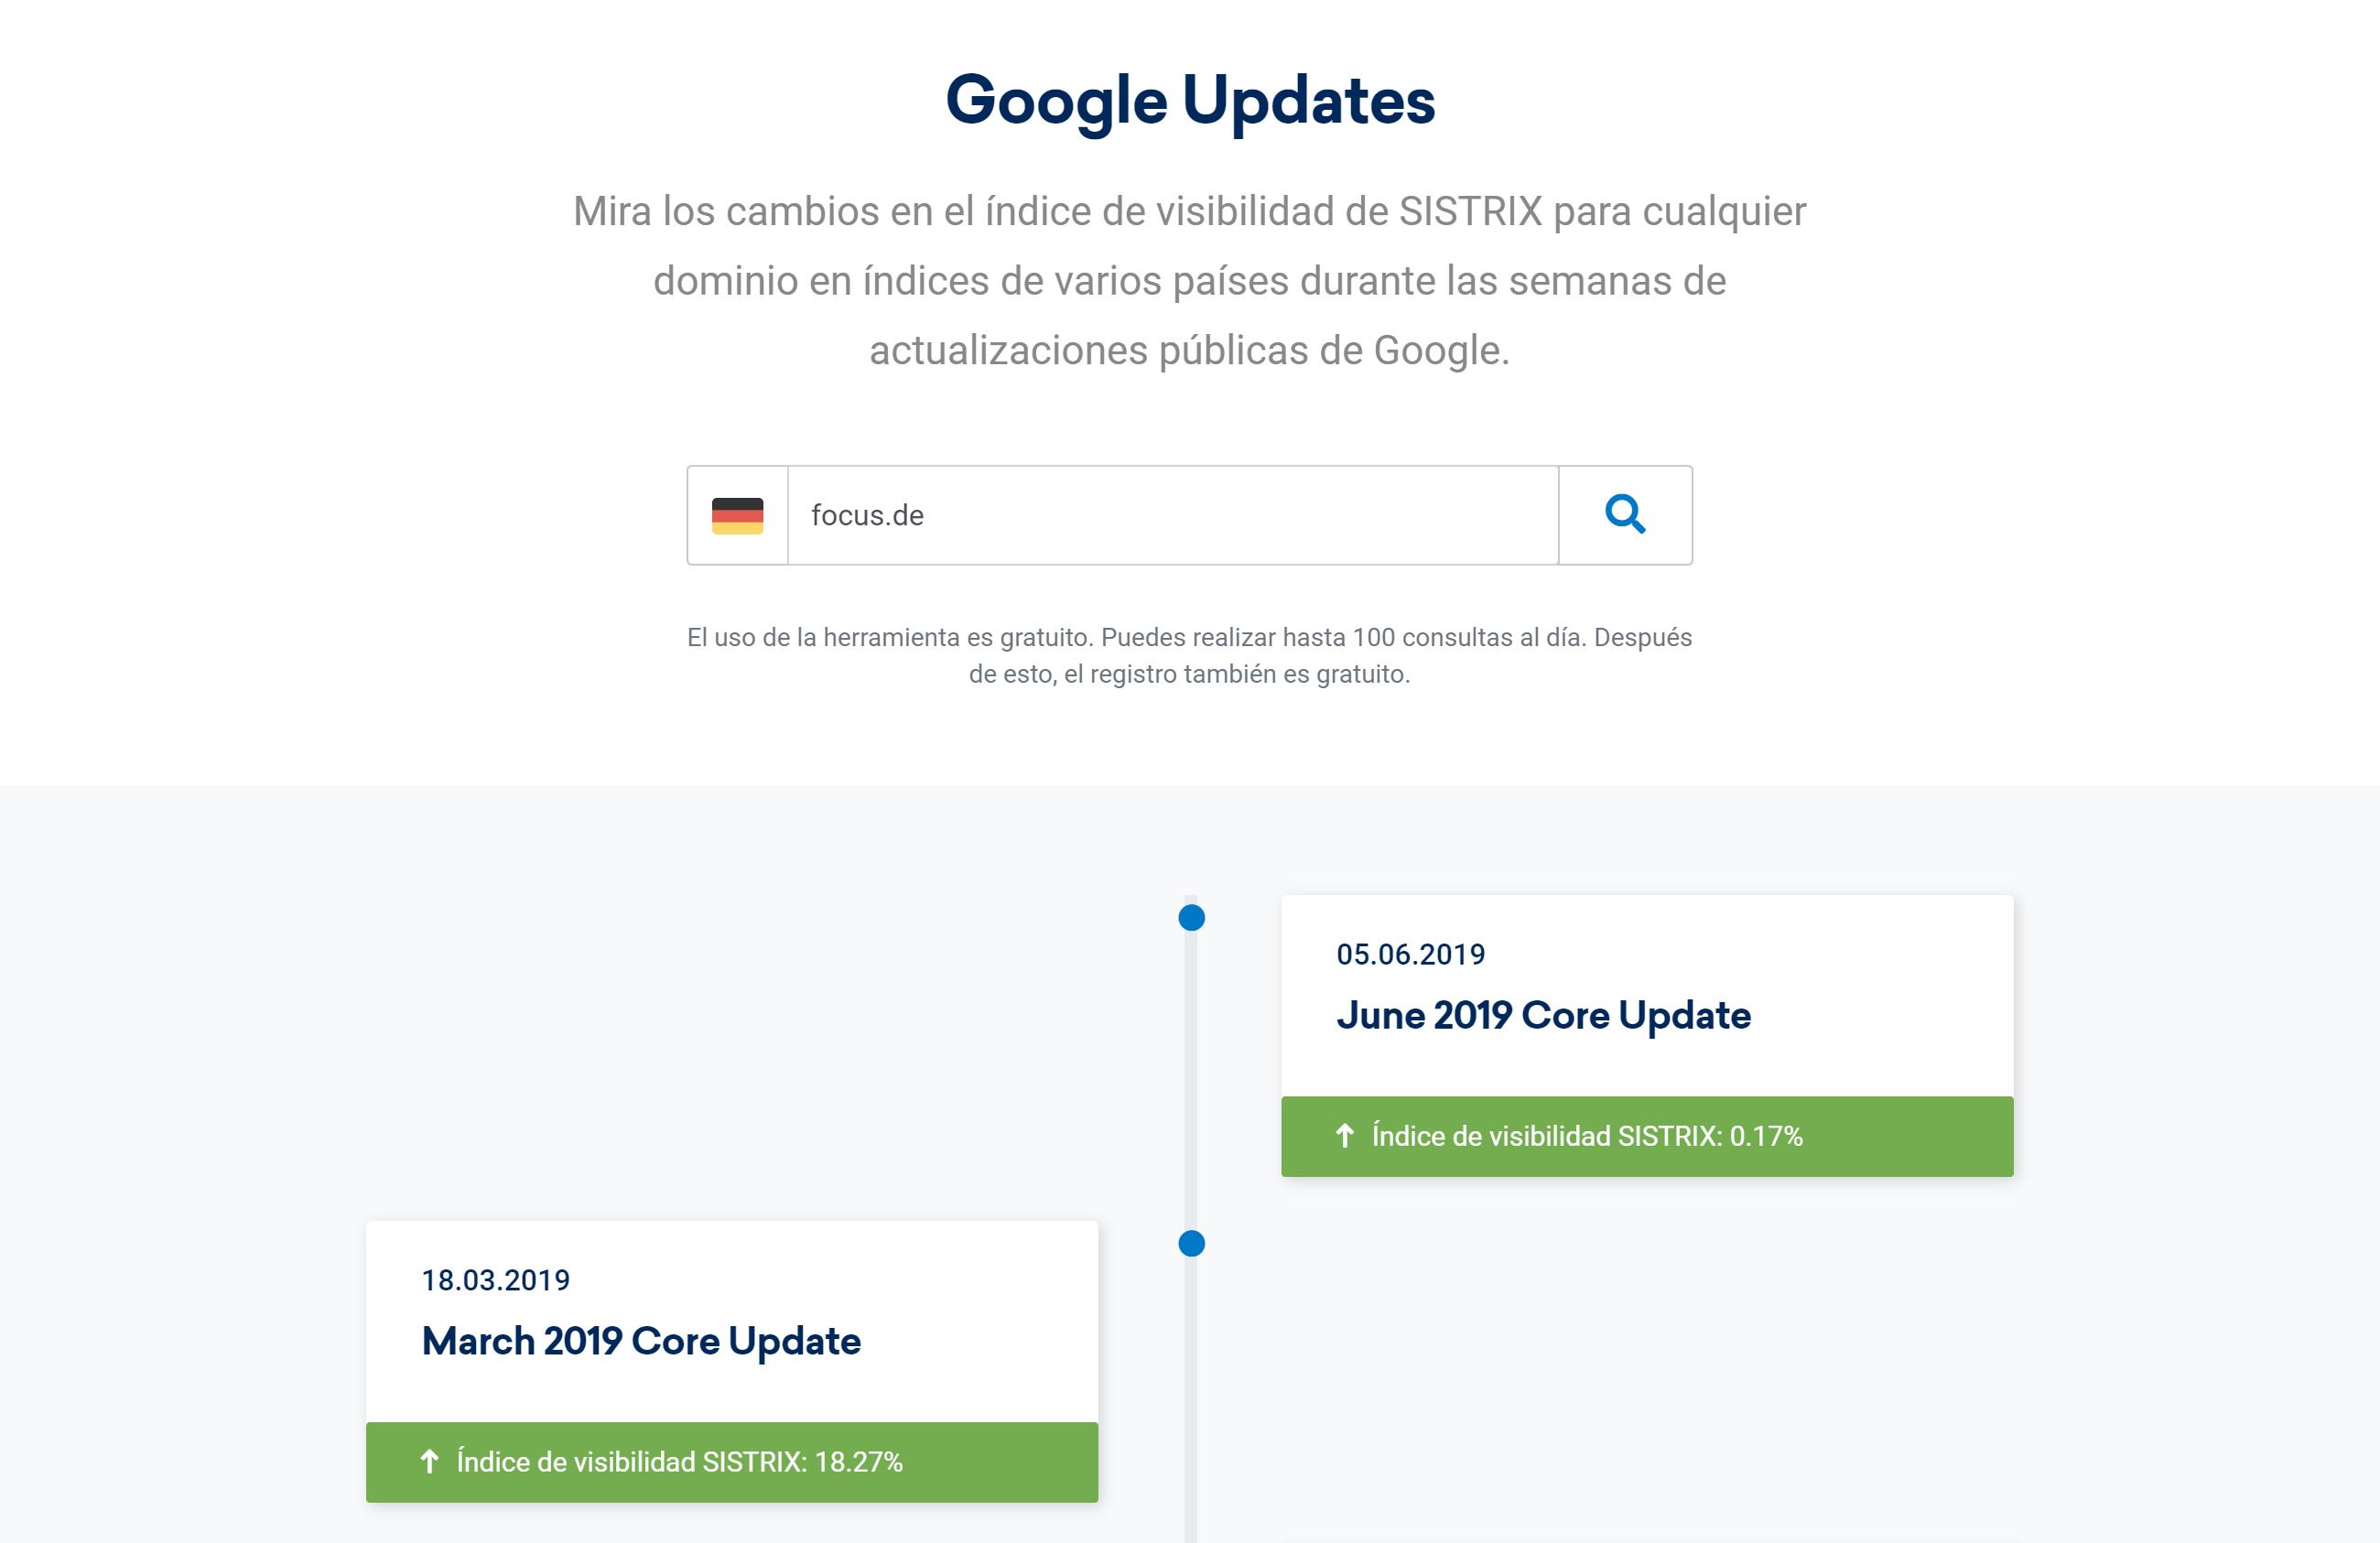 Herramienta SISTRIX para el análisis de todas las Google Updates para cualquier dominio.